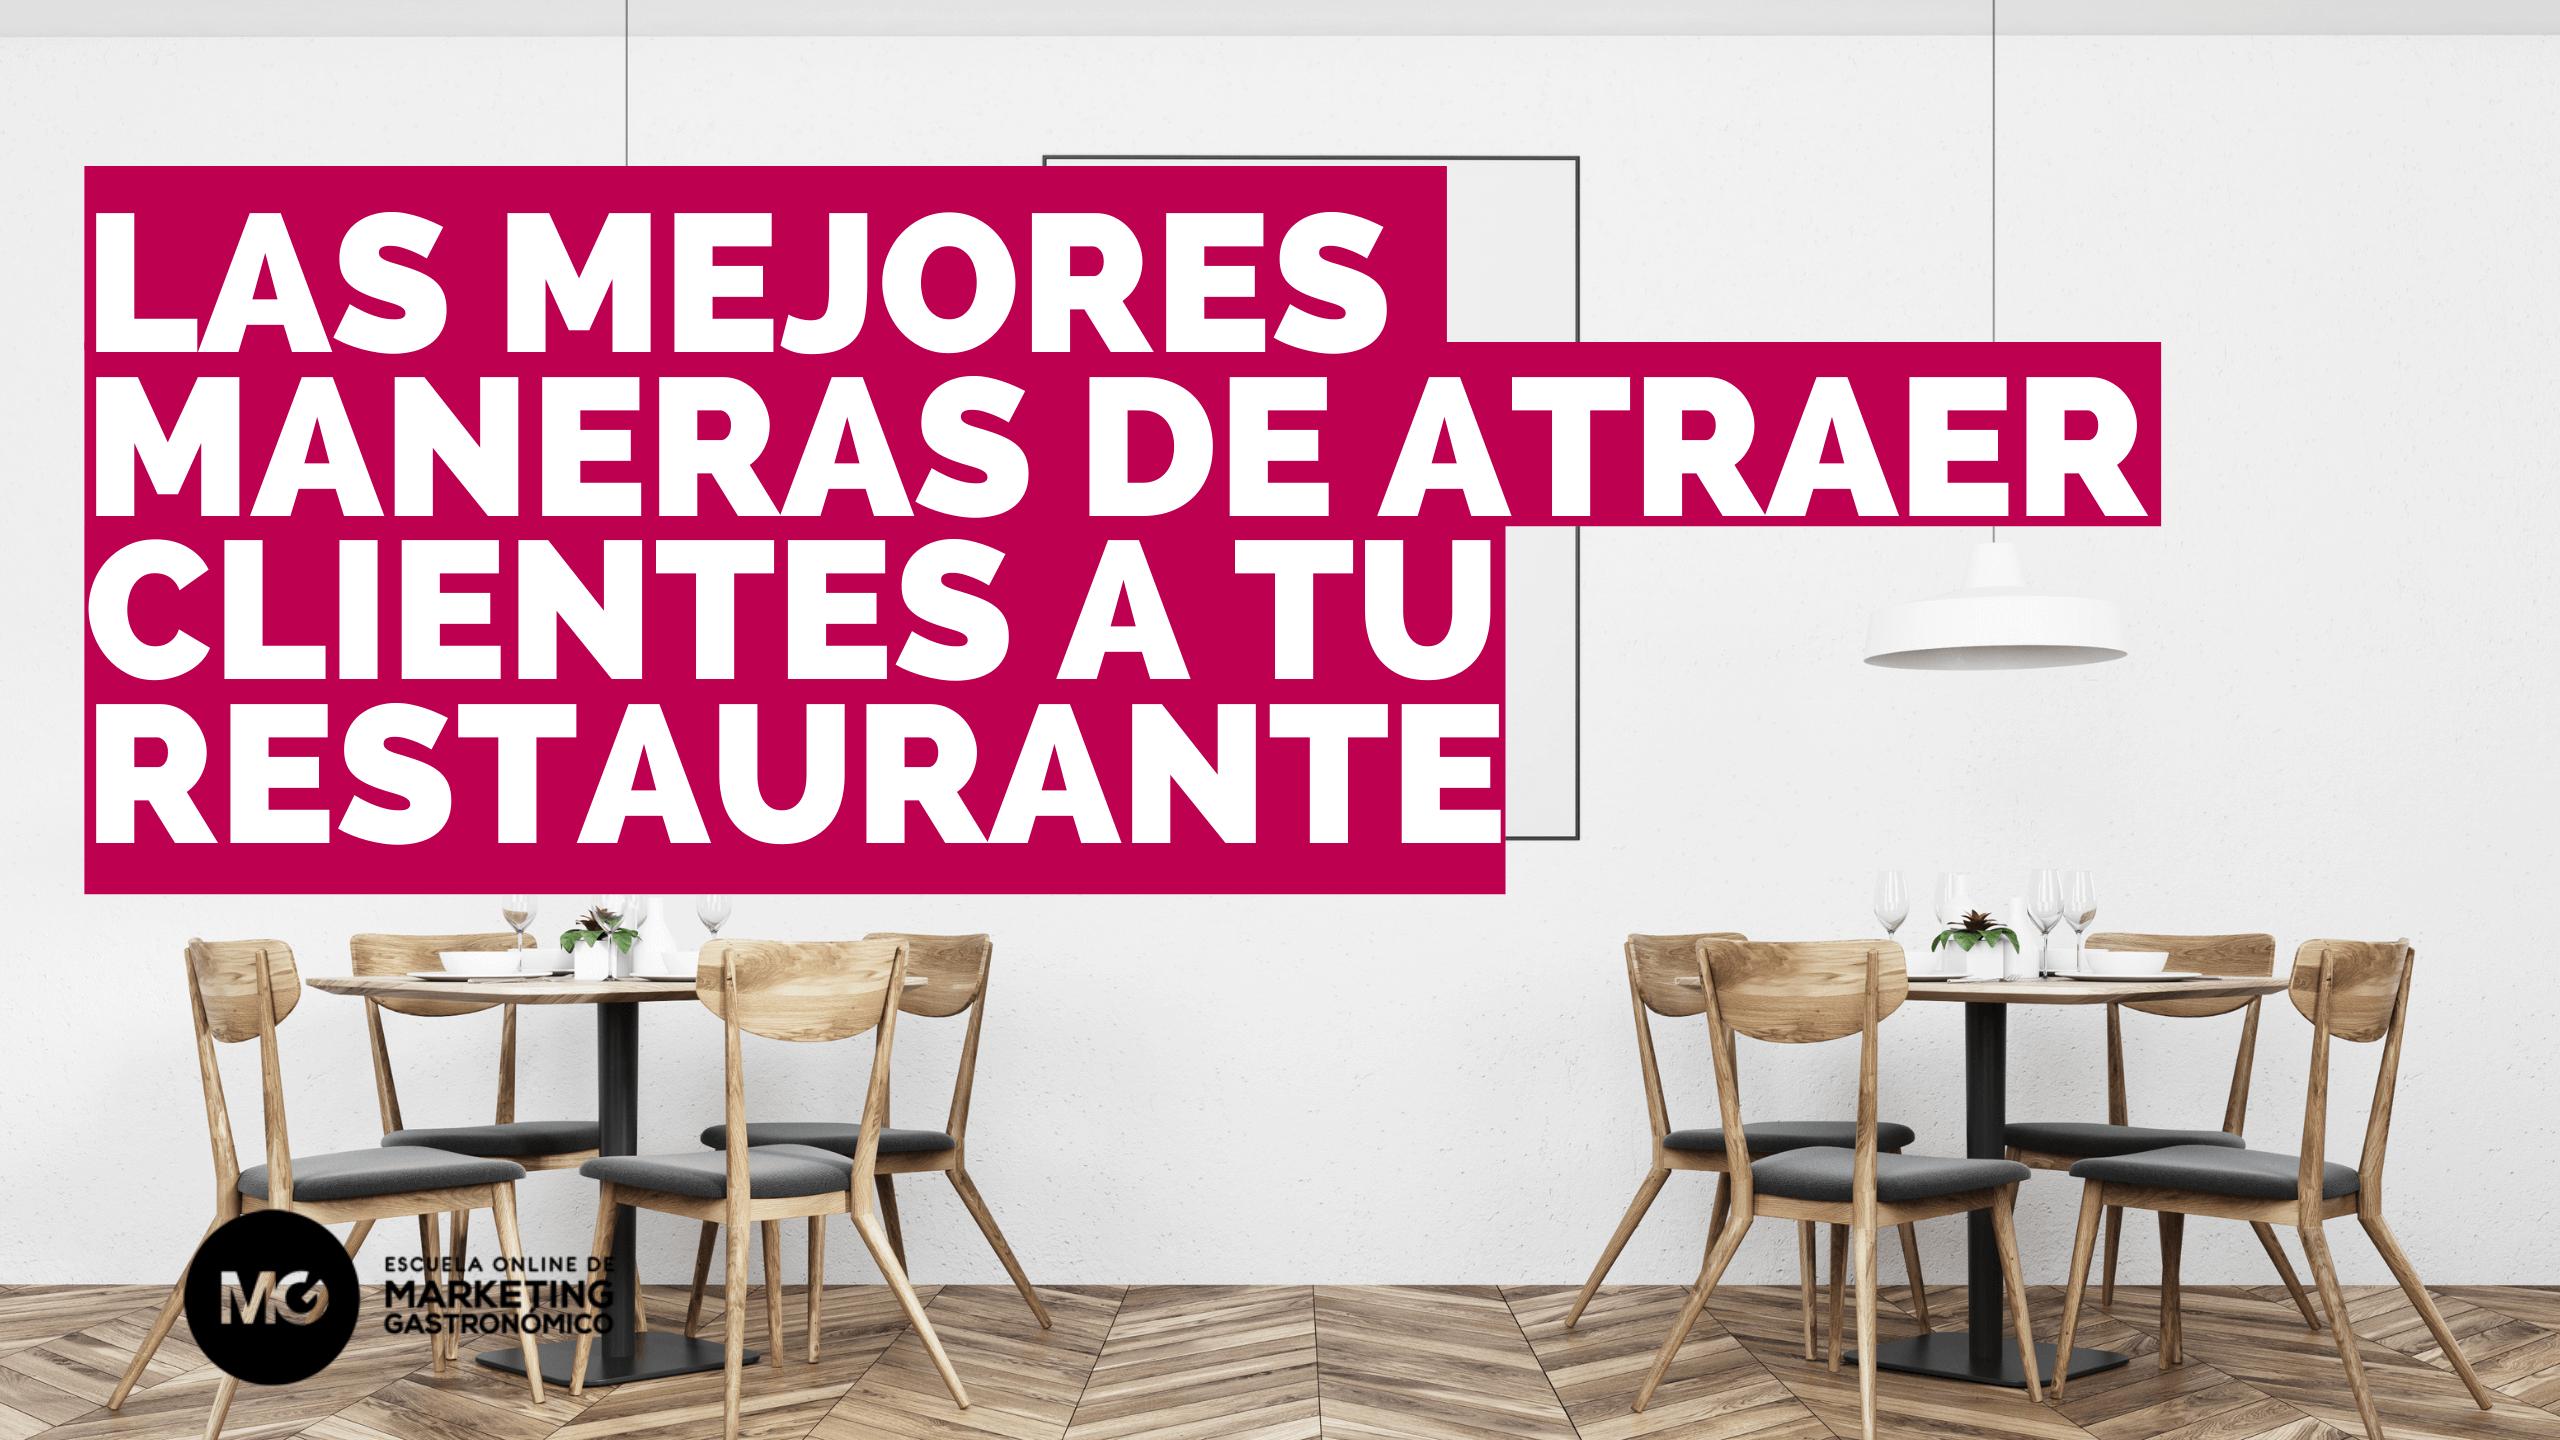 como atraer clientes a un restaurante